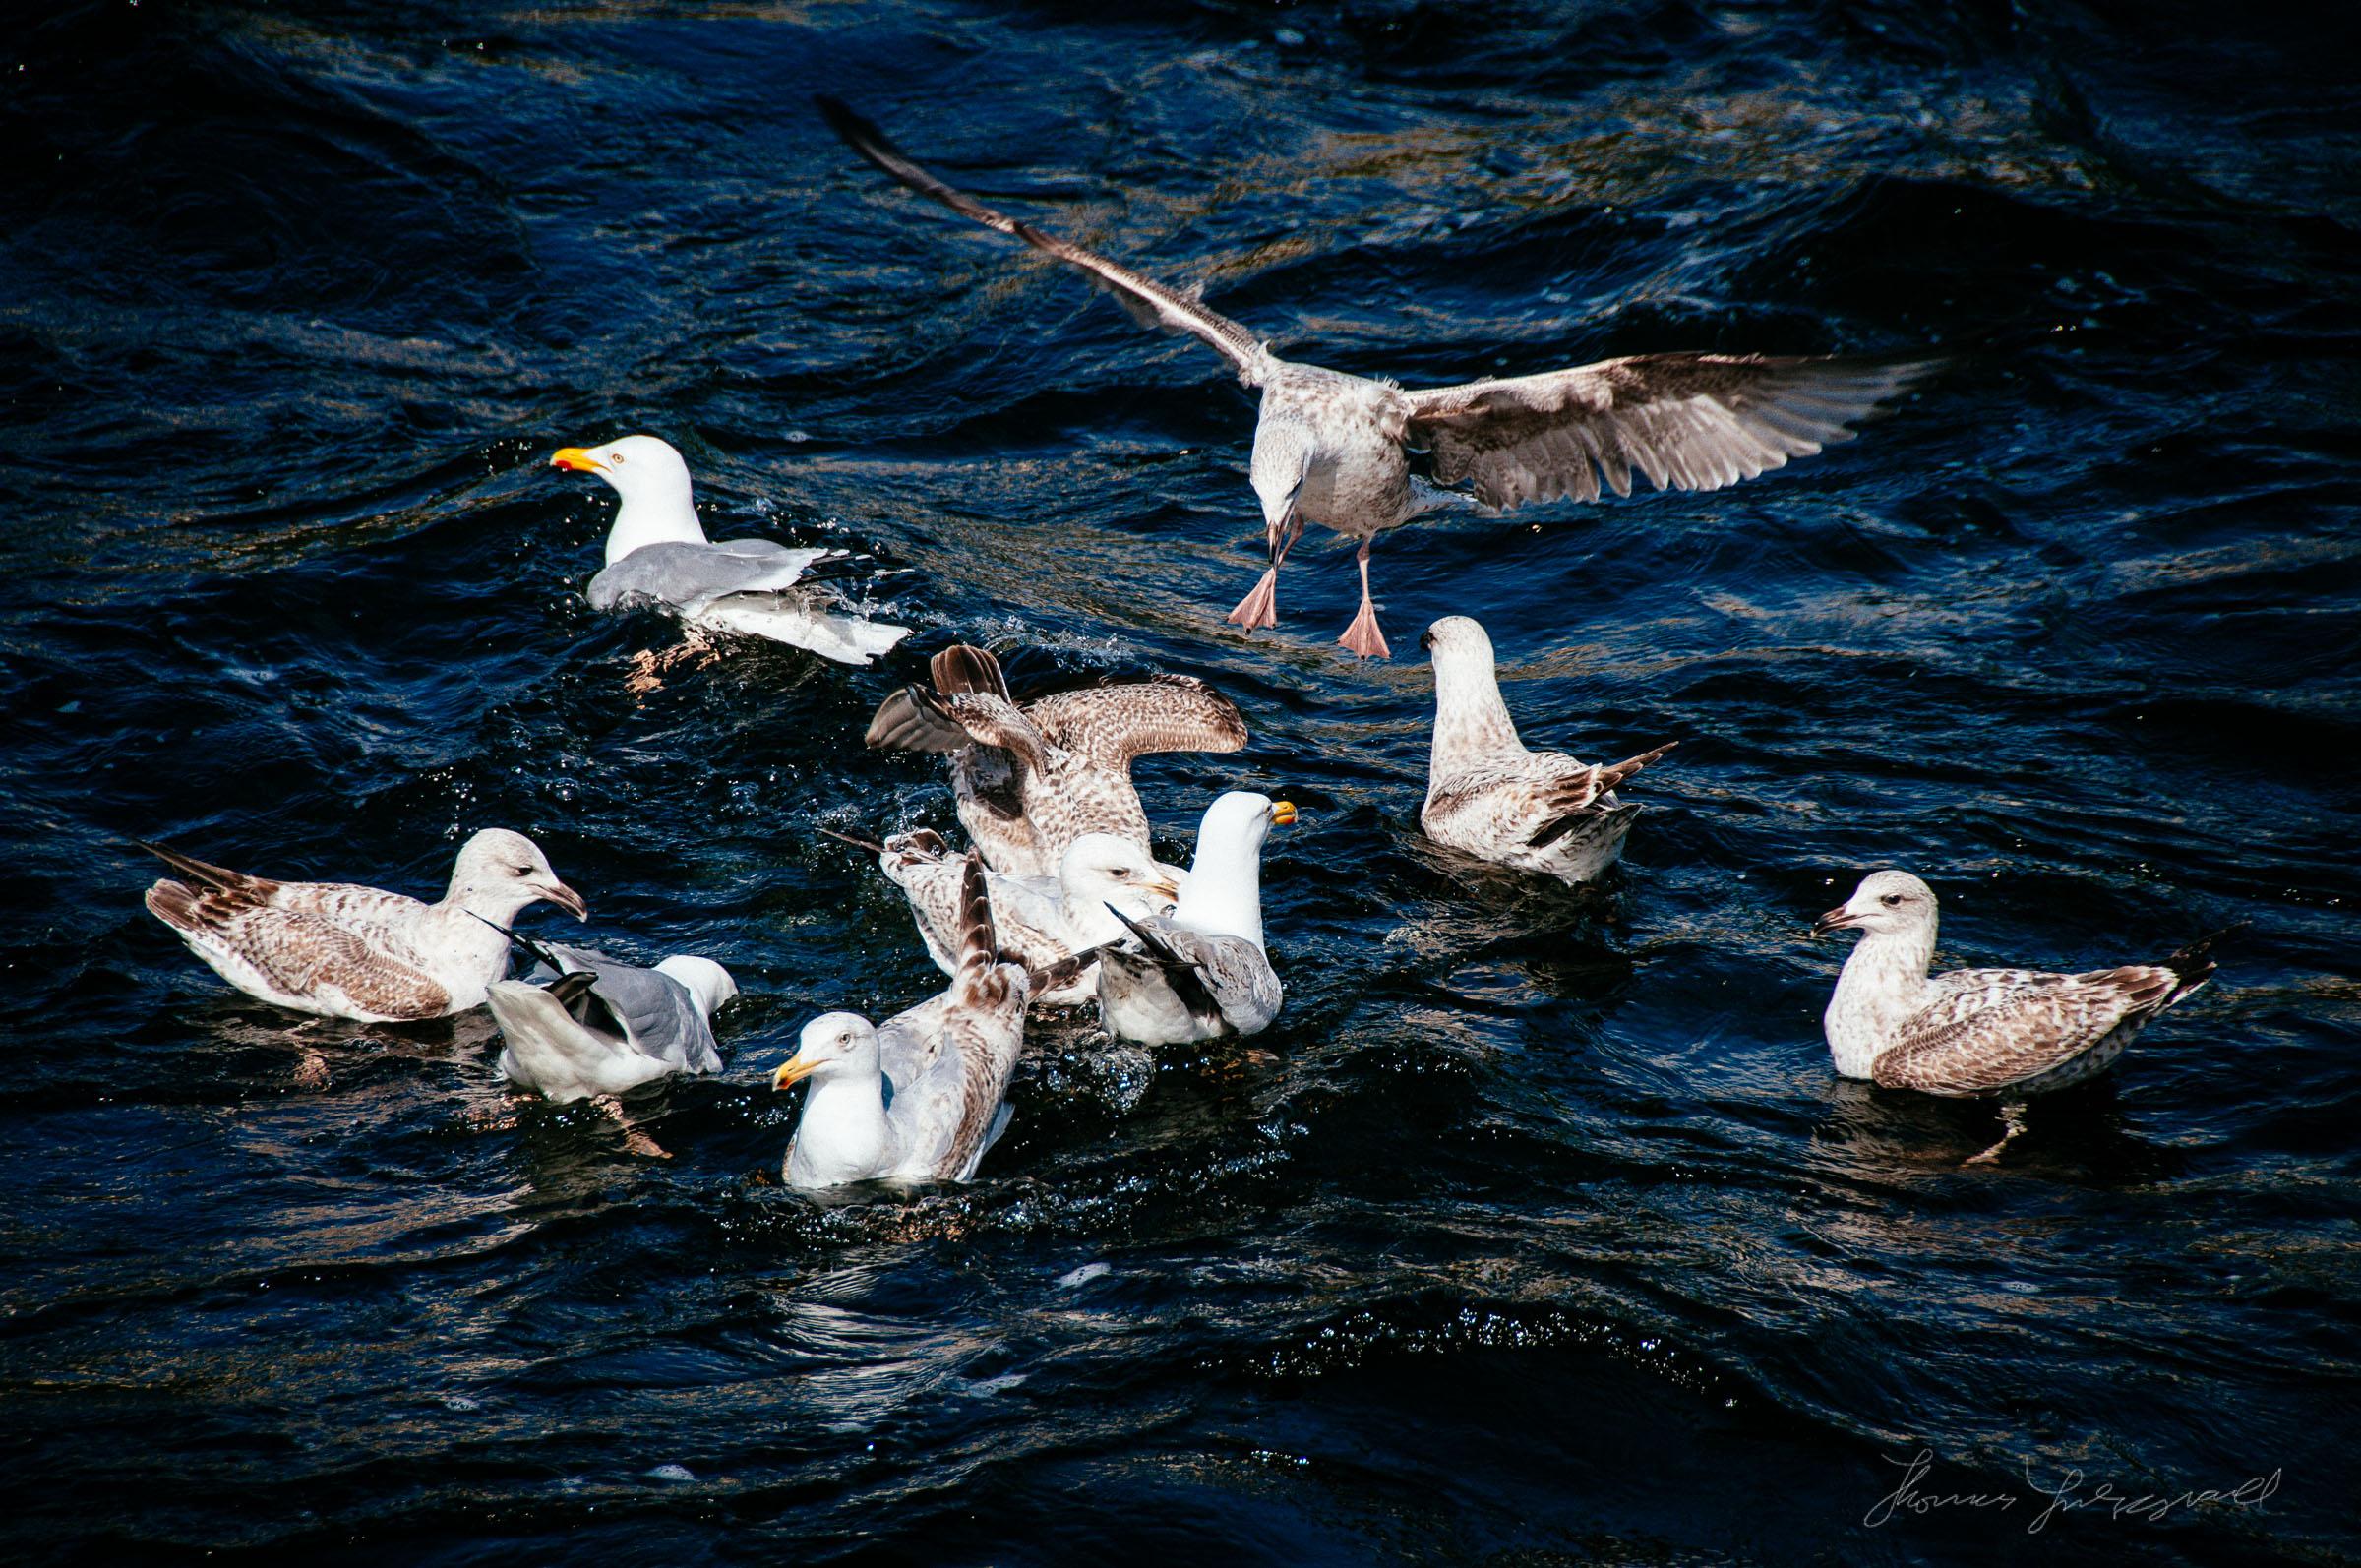 Seagulls Feeding